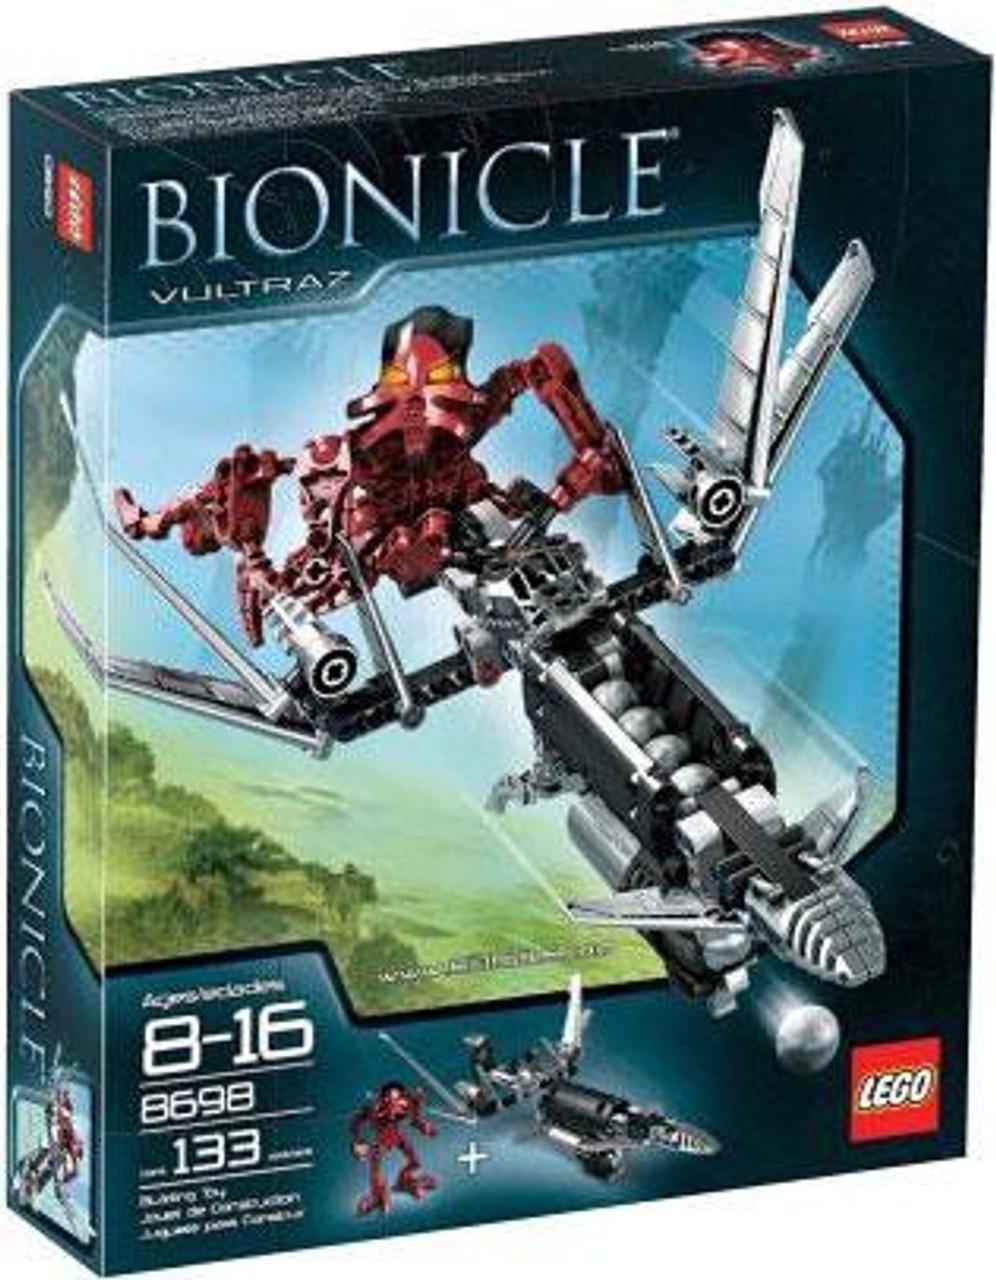 LEGO Bionicle Vultraz Set #8698